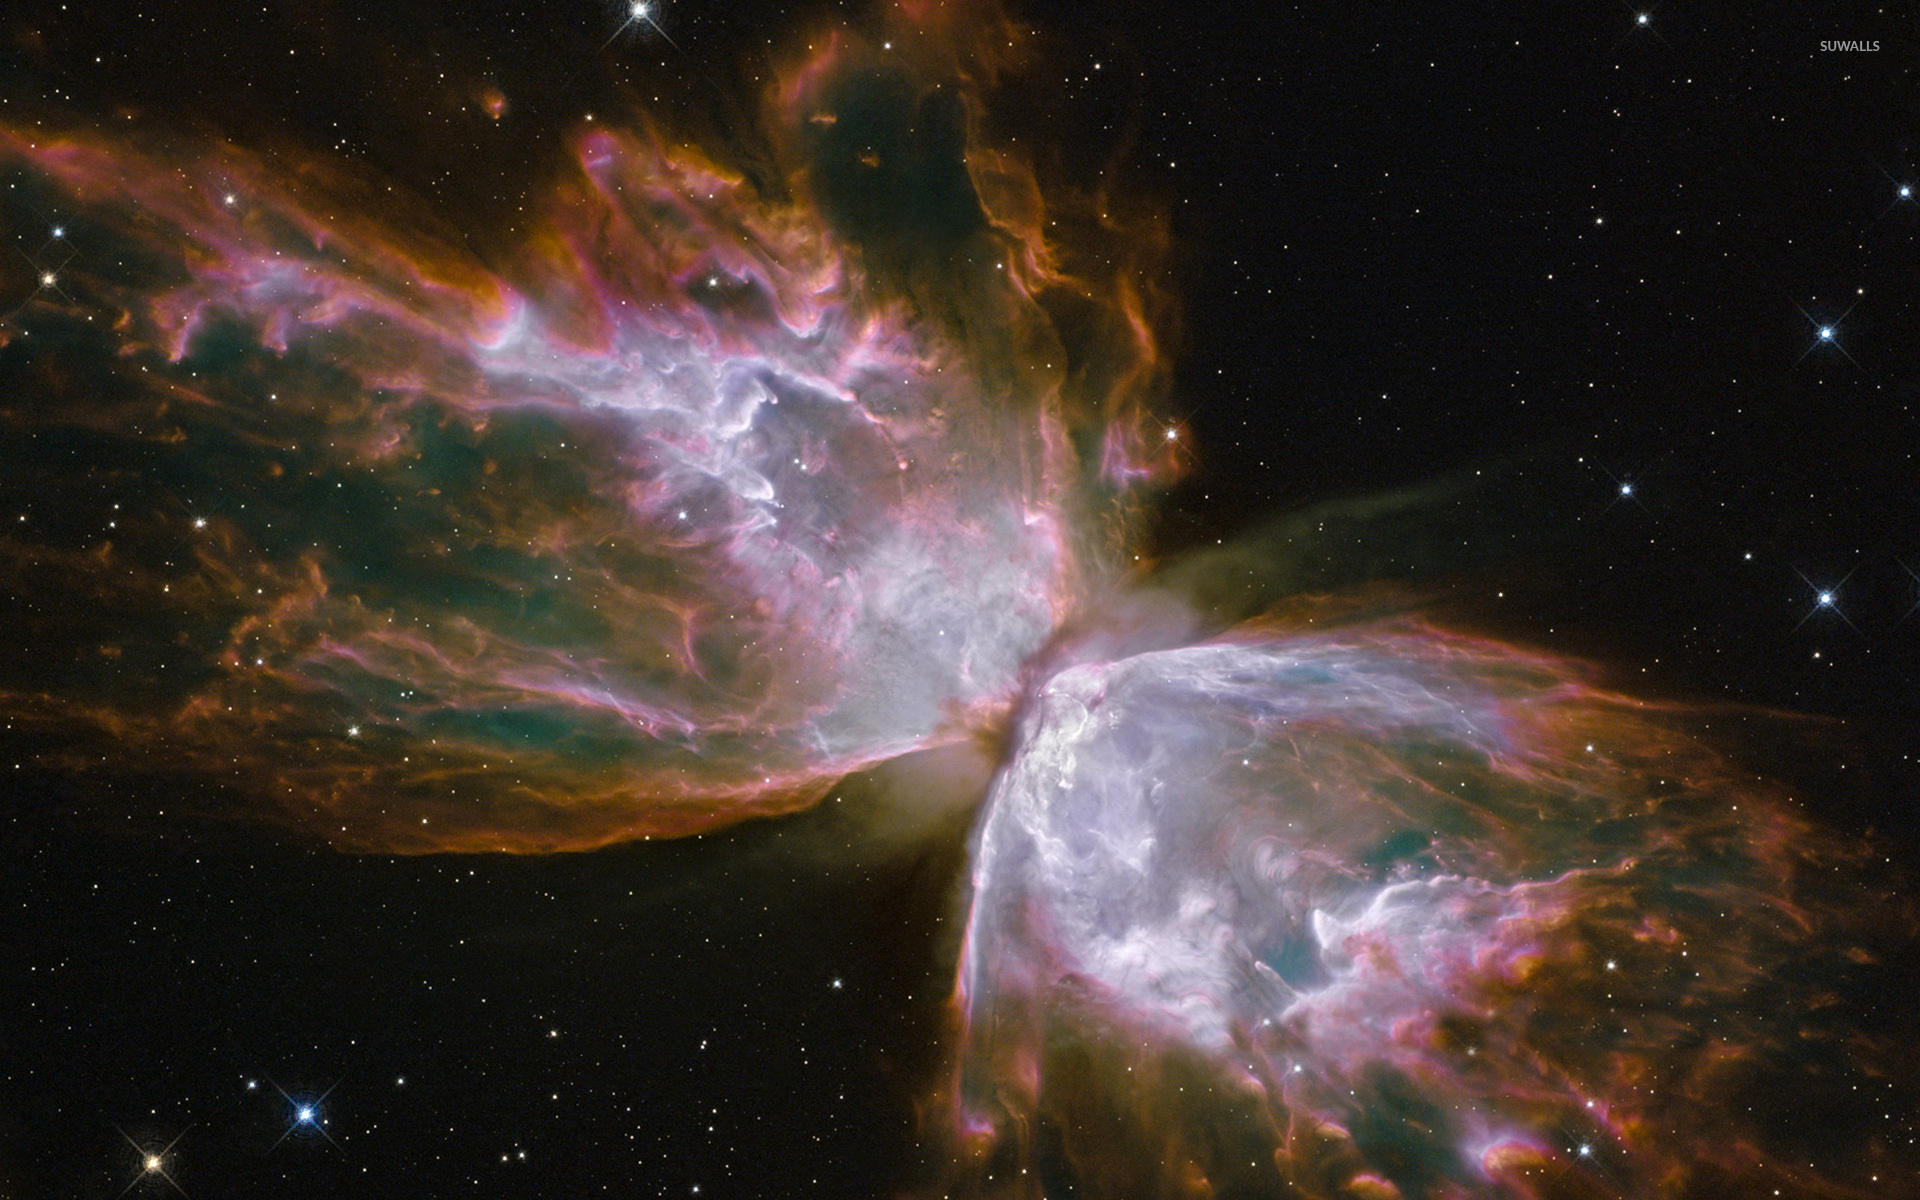 Bipolar planetary nebula NGC 6302 wallpaper - Space ...  Real